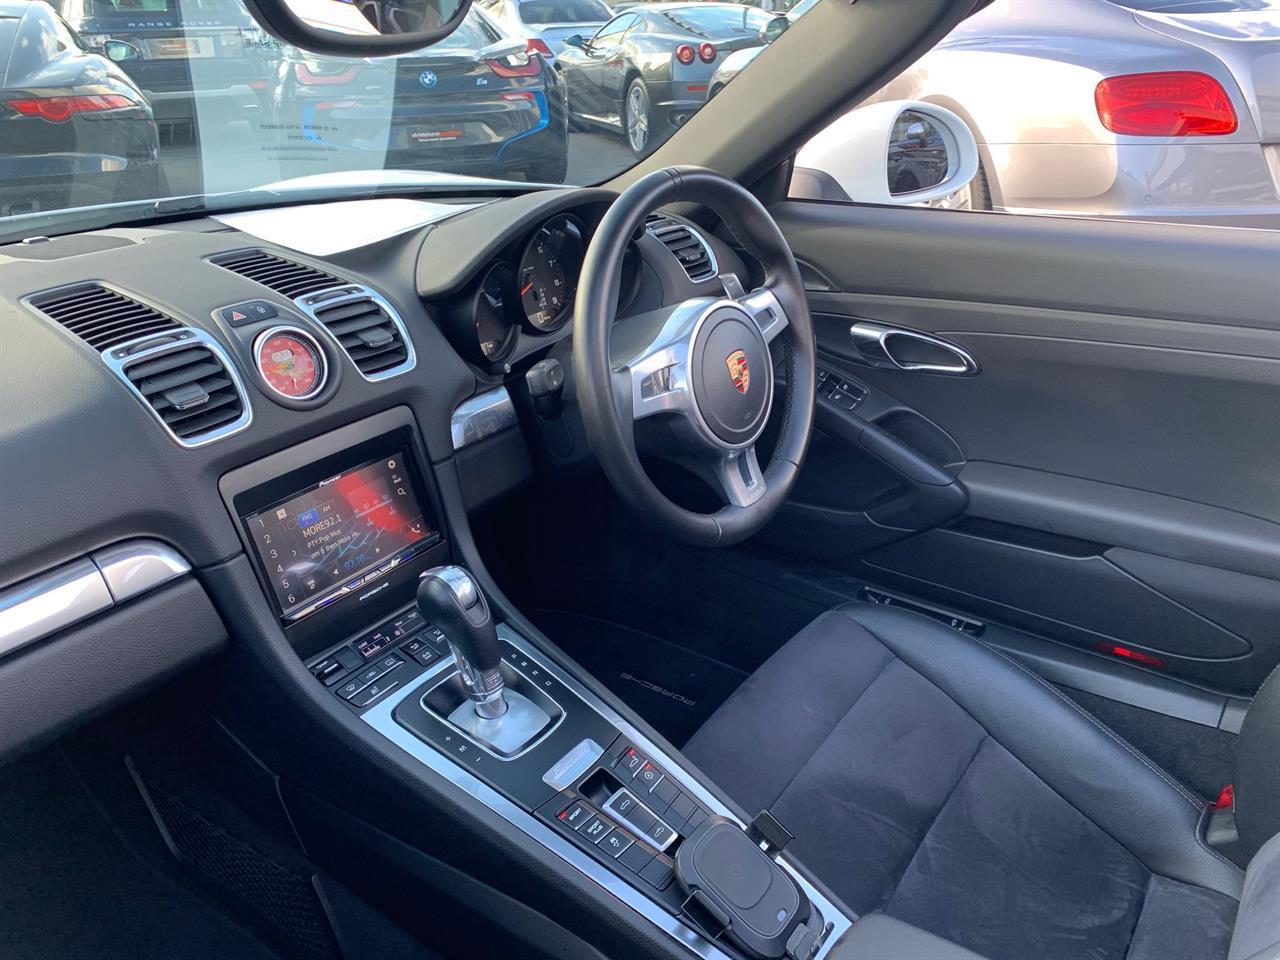 image-7, 2014 Porsche Boxster 981 PDK Convertible at Christchurch